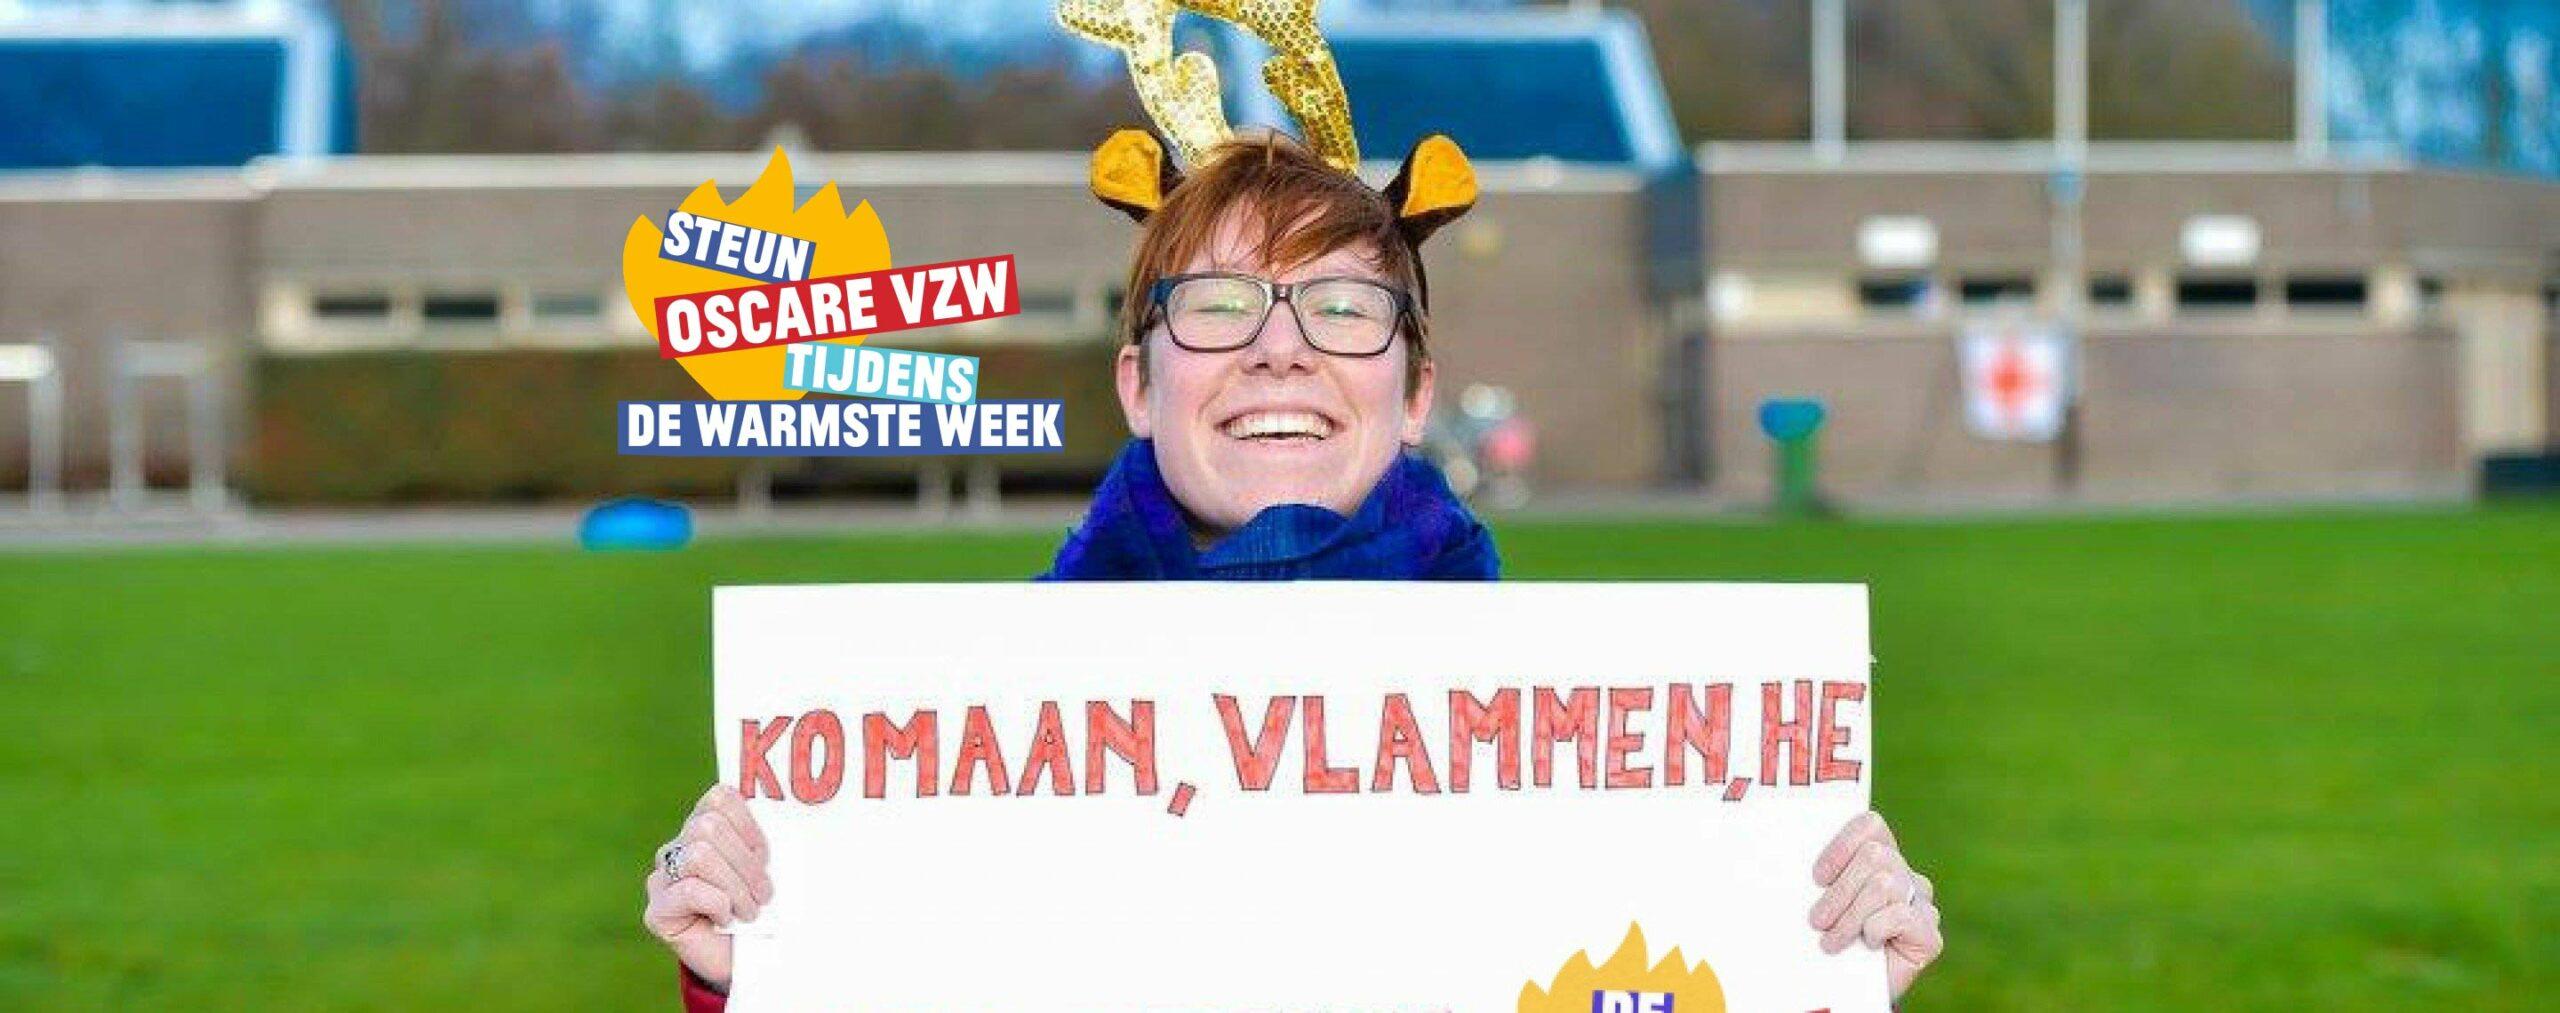 11 ACTIES DIE JE KAN DOEN MET JE STUDIEVRIENDJES VOOR DE WARMSTE WEEK!